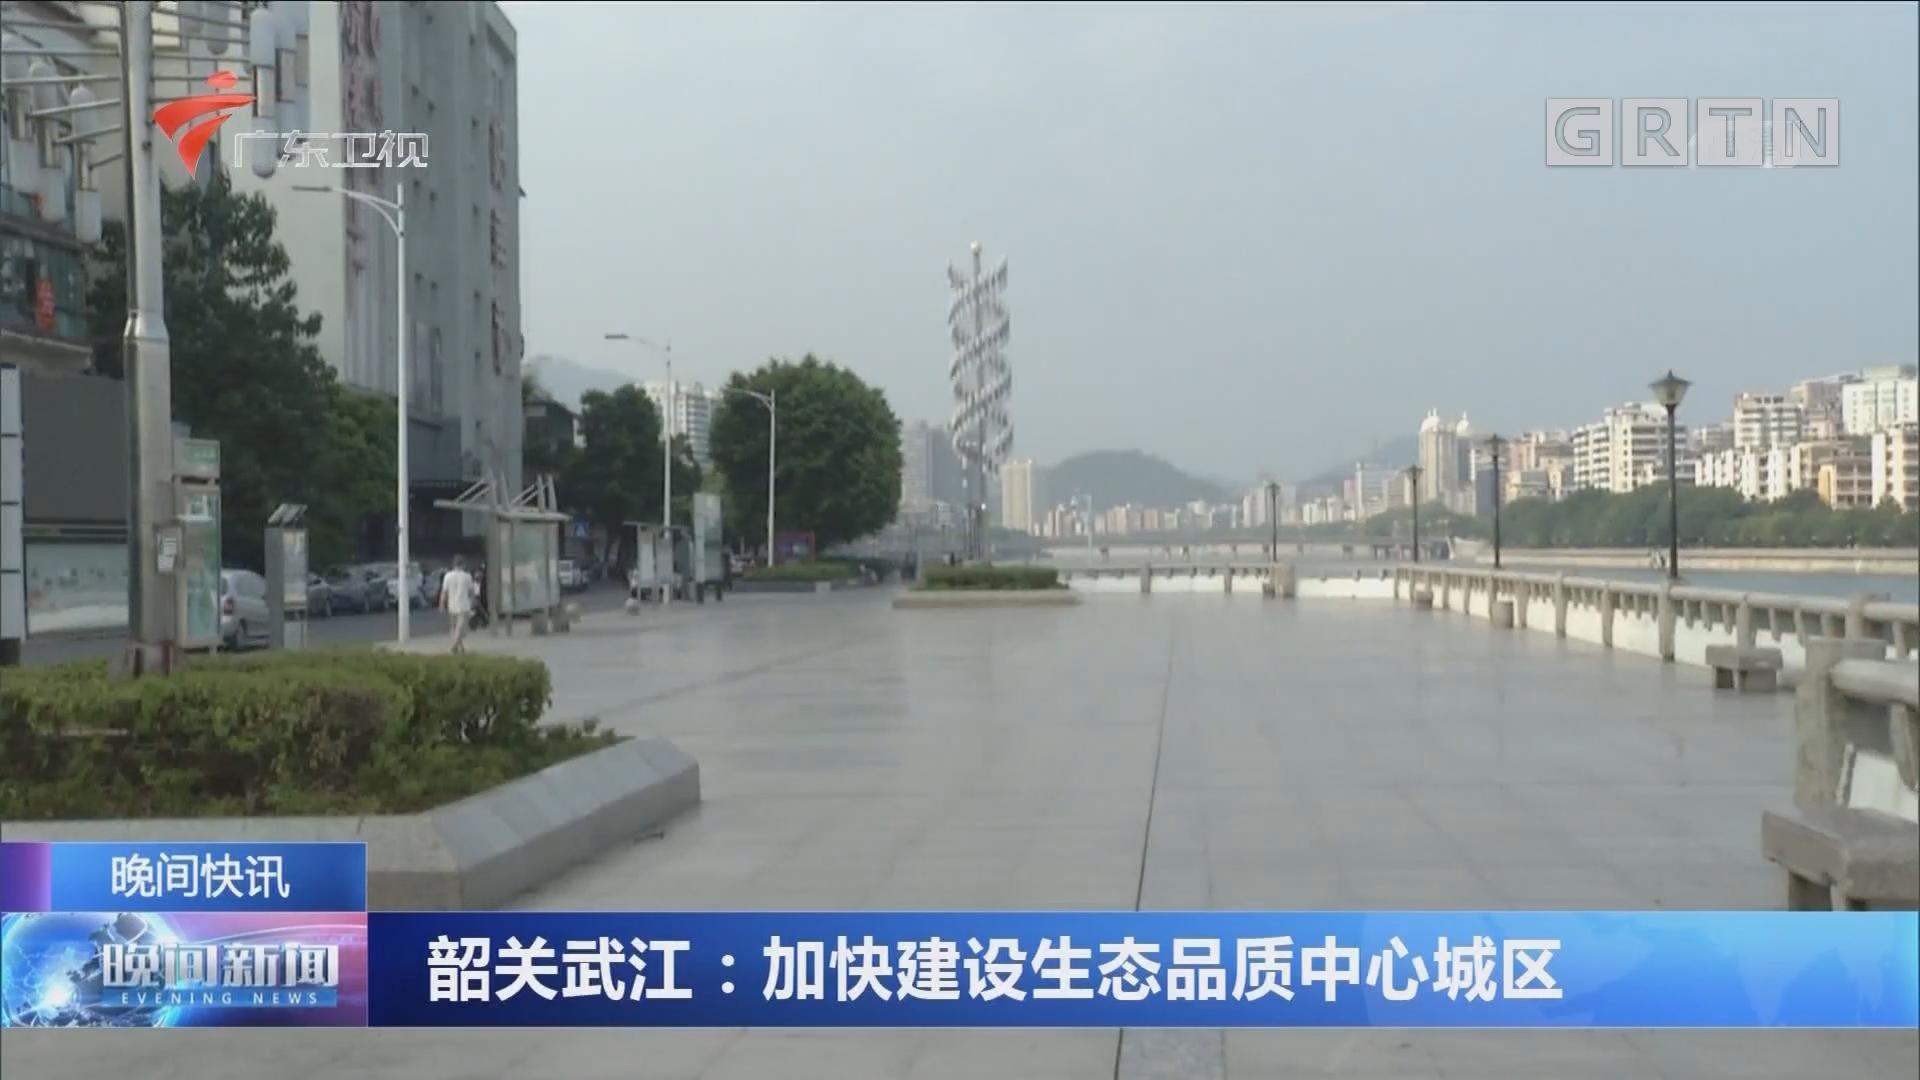 韶关武江:加快建设生态品质中心城区